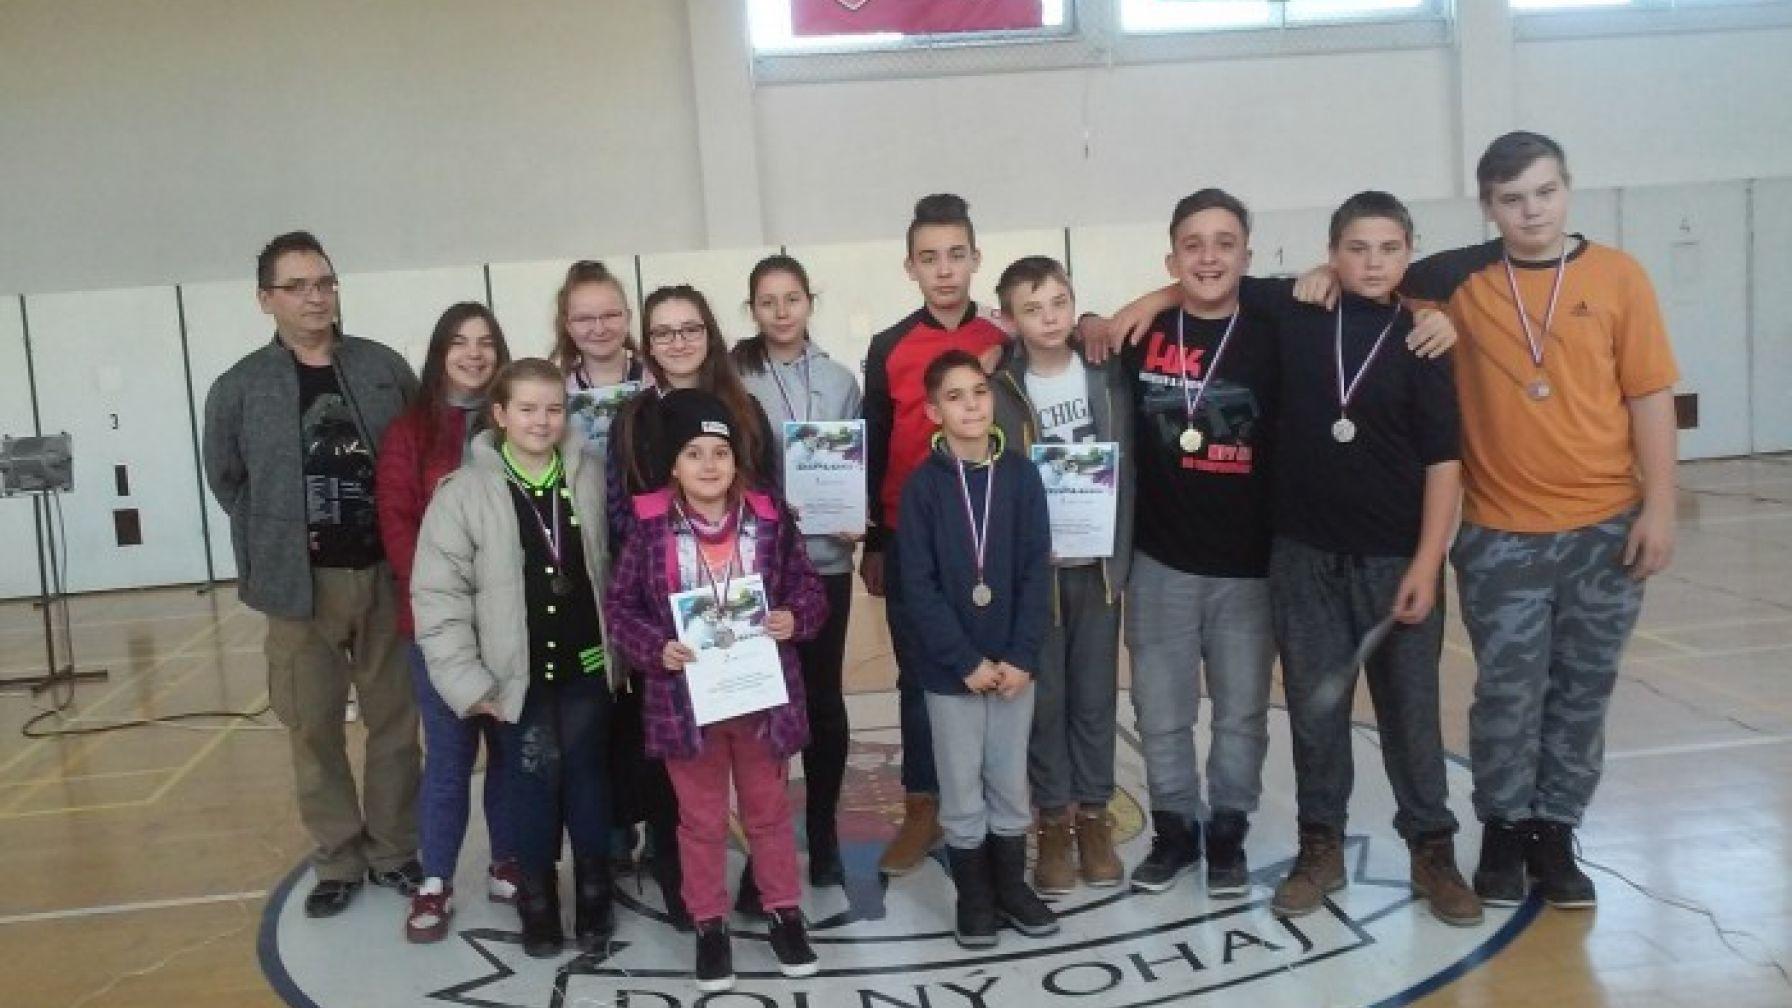 Majstrovstvá okresu Nové Zámky žiakov základných škôl v streľbe zo vzduchovky